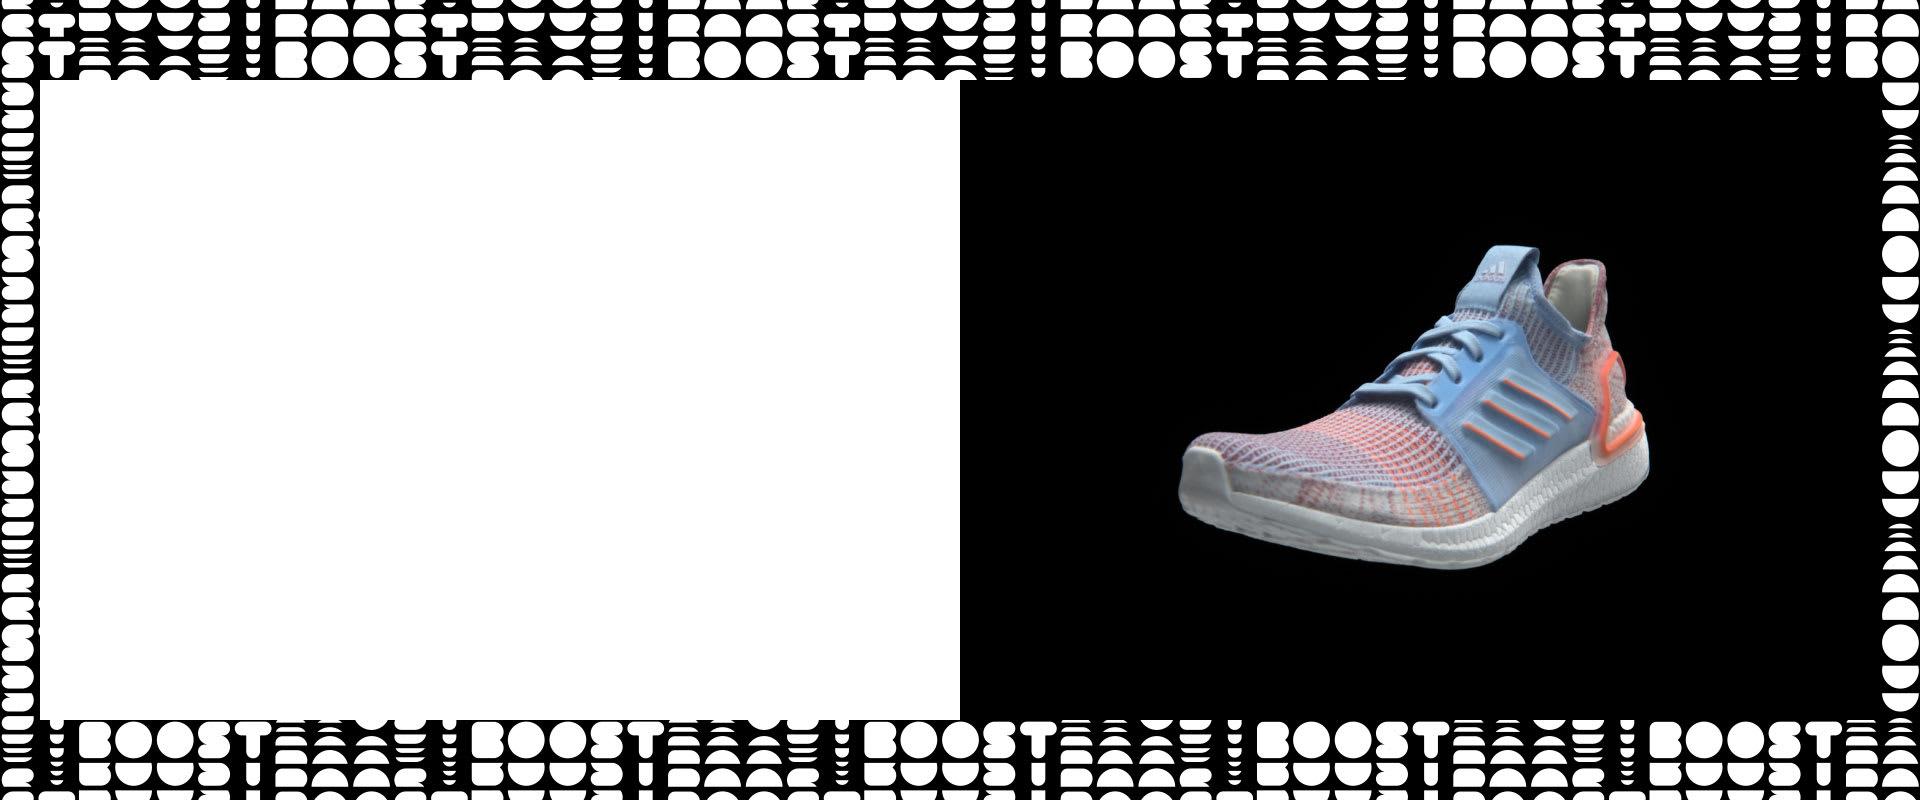 VerkkosivustoSuomi Adidas VerkkosivustoSuomi Virallinen Virallinen Adidas Virallinen Adidas rdCBoexW